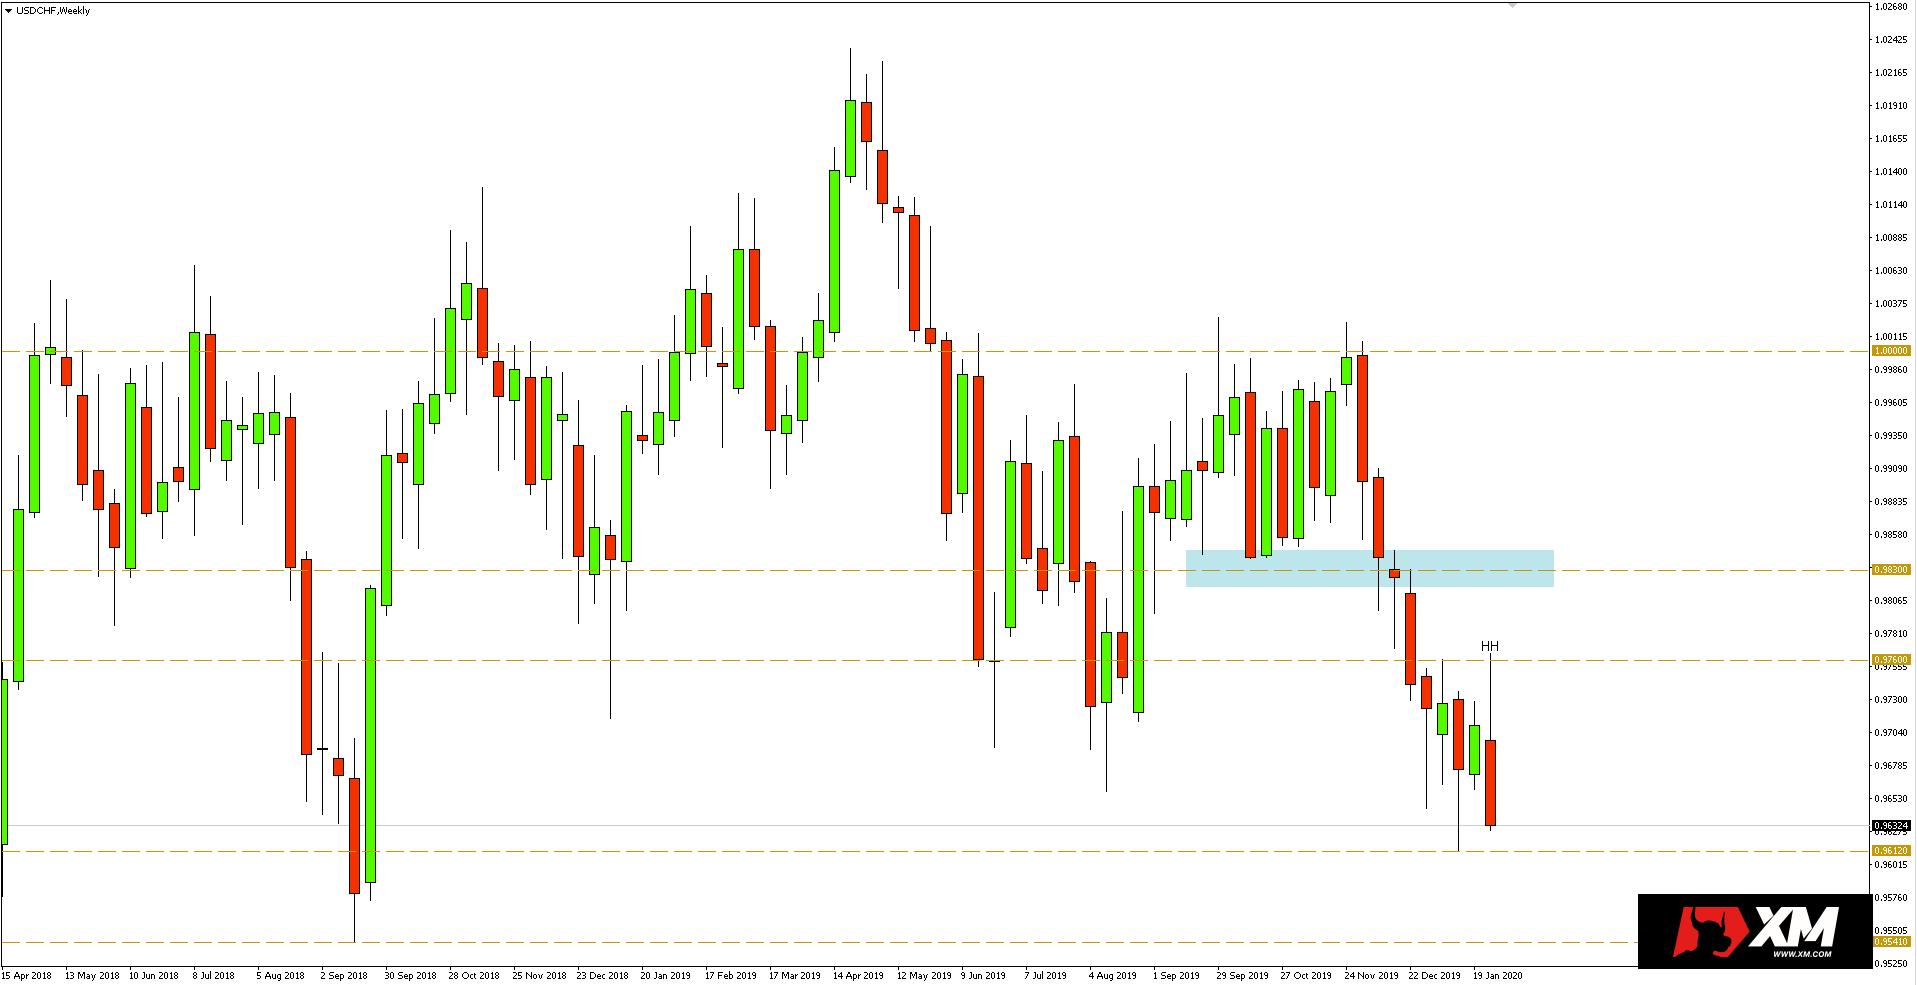 Wykres tygodniowy pary walutowej USDCHF - 1 lutego 2020 r.